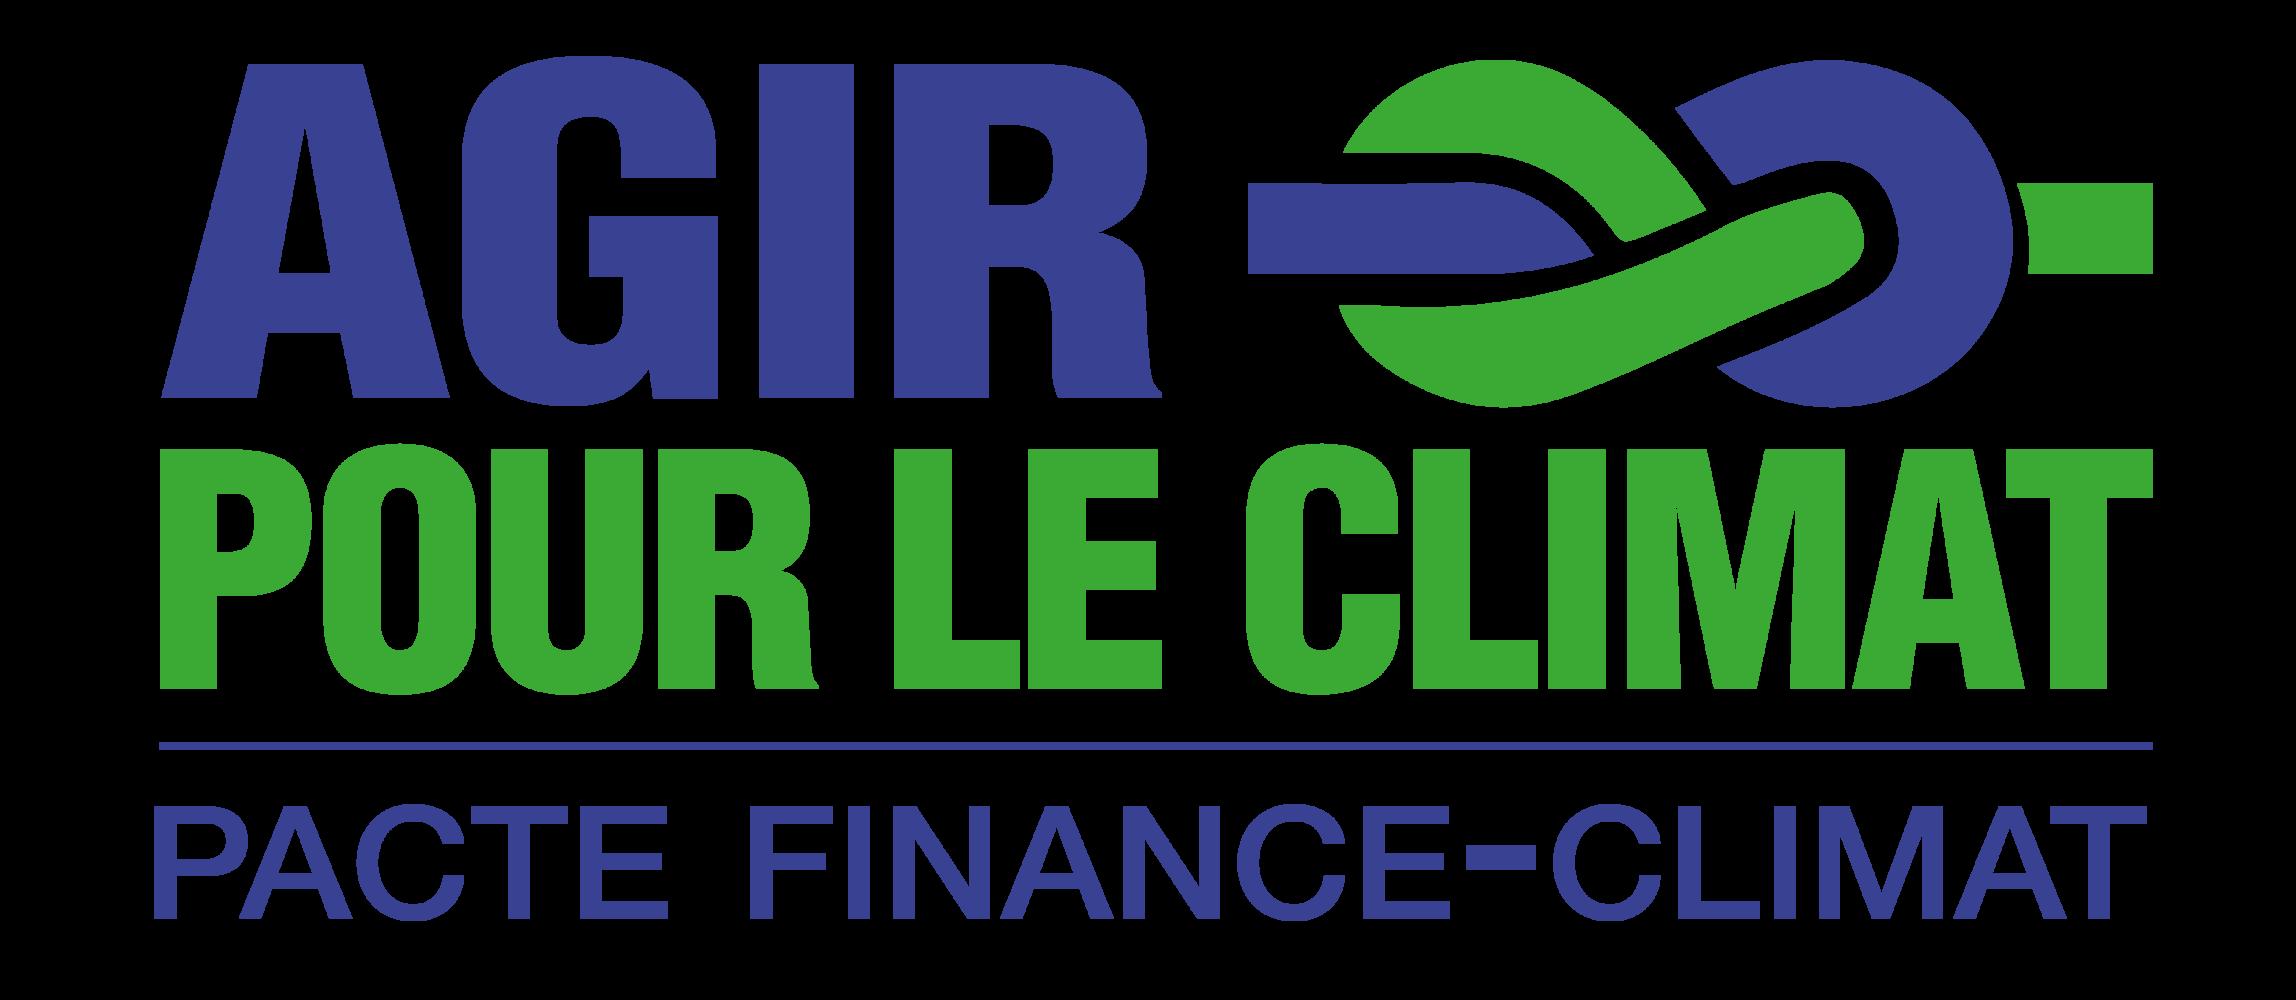 Agir pour le Climat - Pacte Finance-Climat